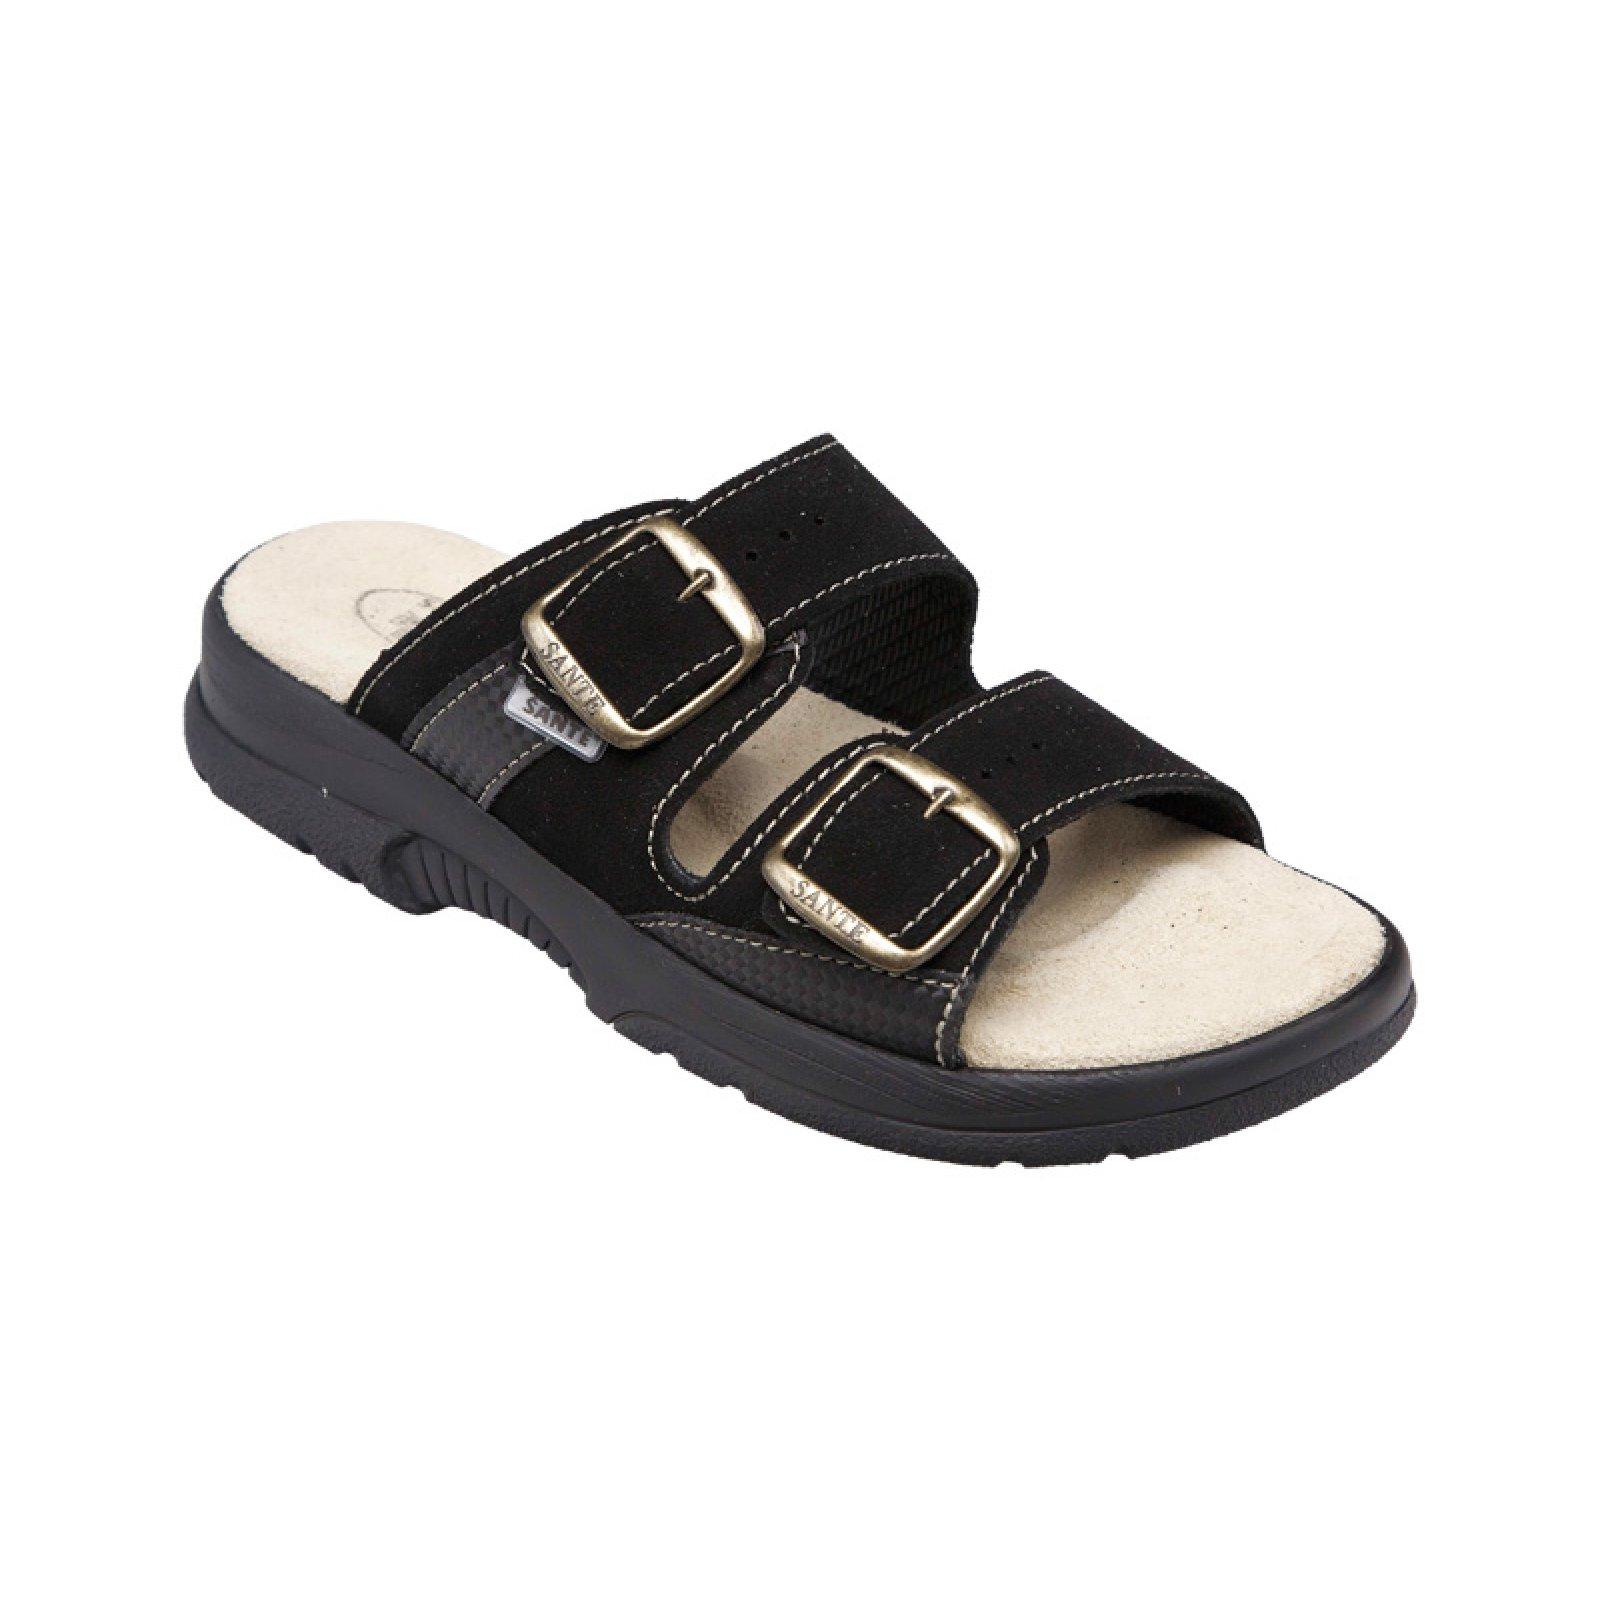 0315c59b180a dámské pantofle Santé 517 33 68 černé